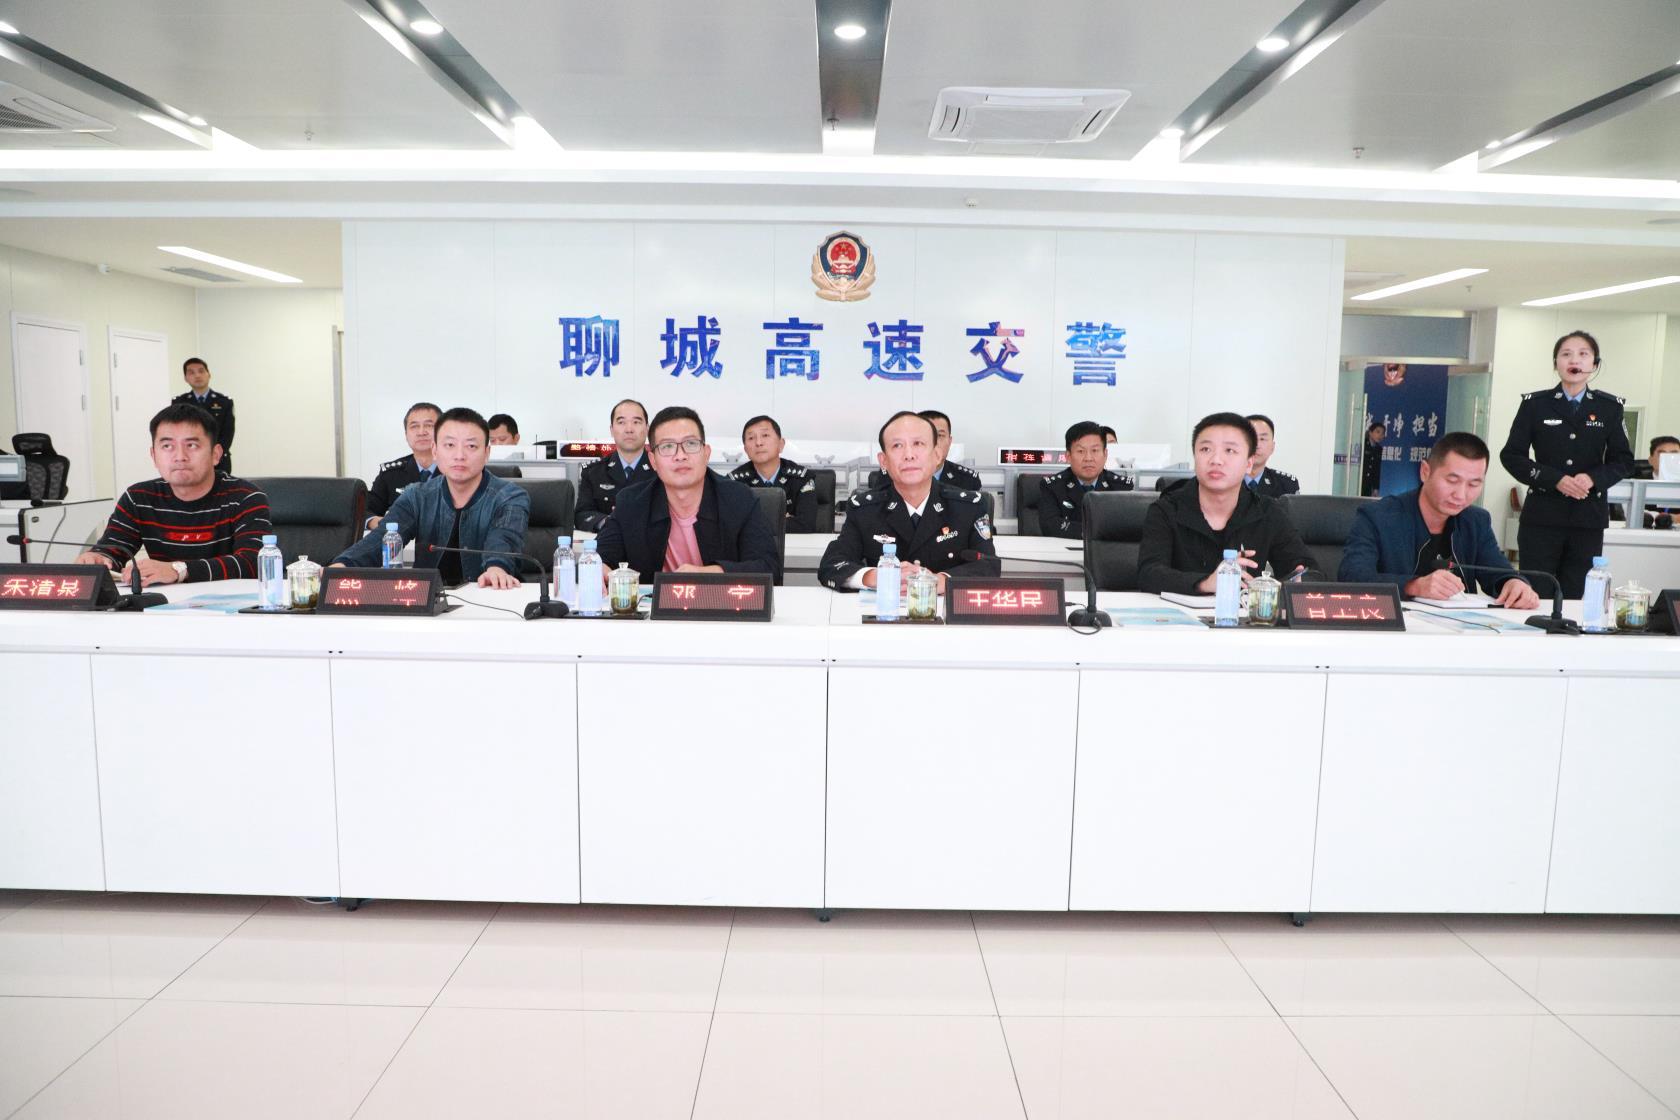 湖南省高速公路交通警察局娄底支队一行到聊城高速支队考察交流工作